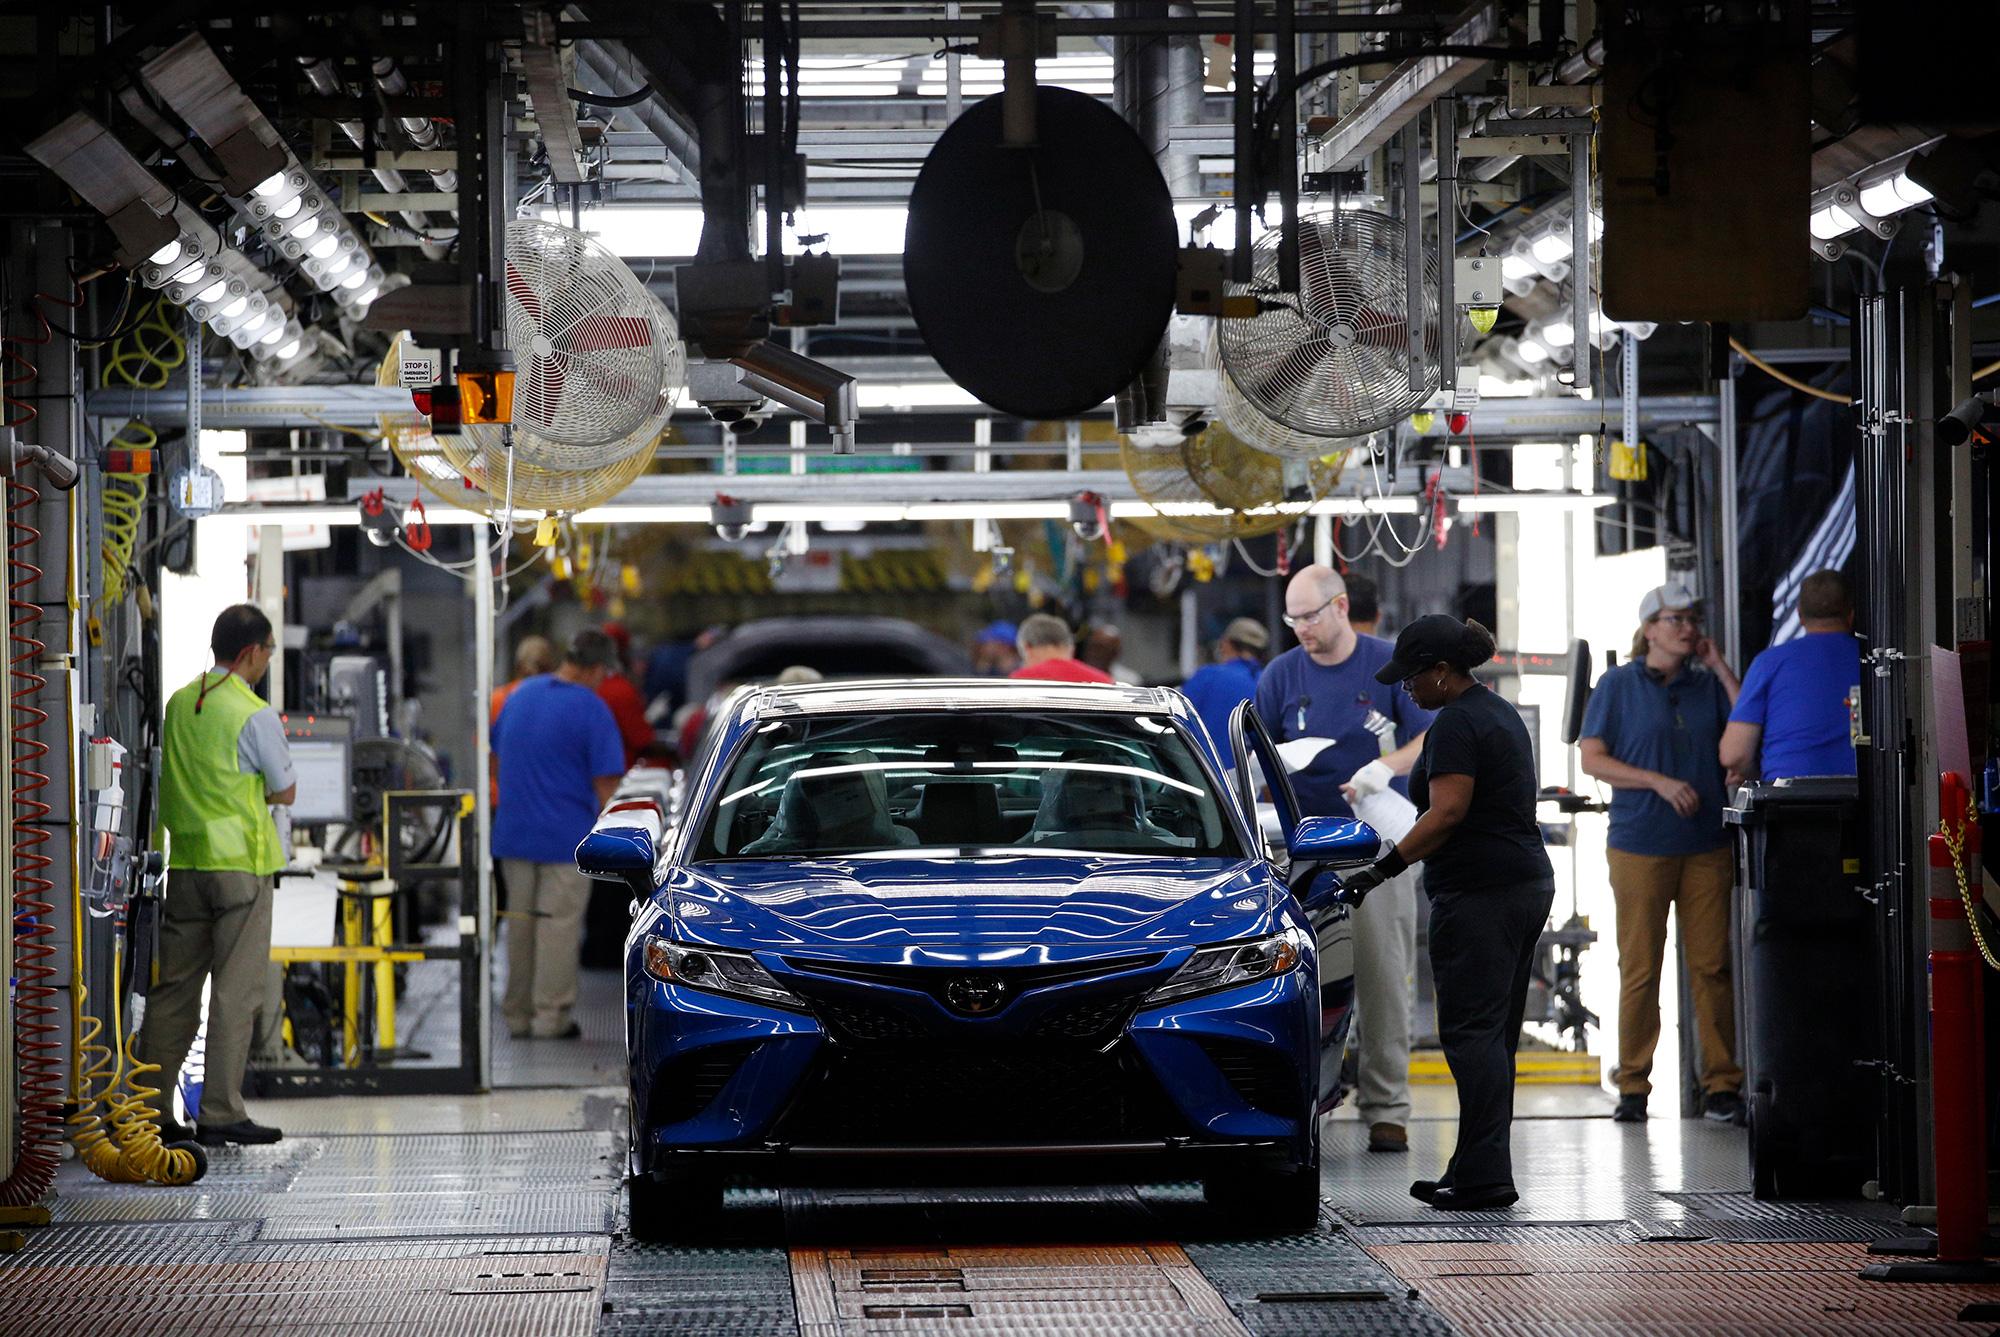 Thất thủ trước Covid - 19, một loạt các hãng xe phải đóng cửa nhà máy, đẩy hàng triệu người rơi vào cảnh thất nghiệp - Ảnh 1.